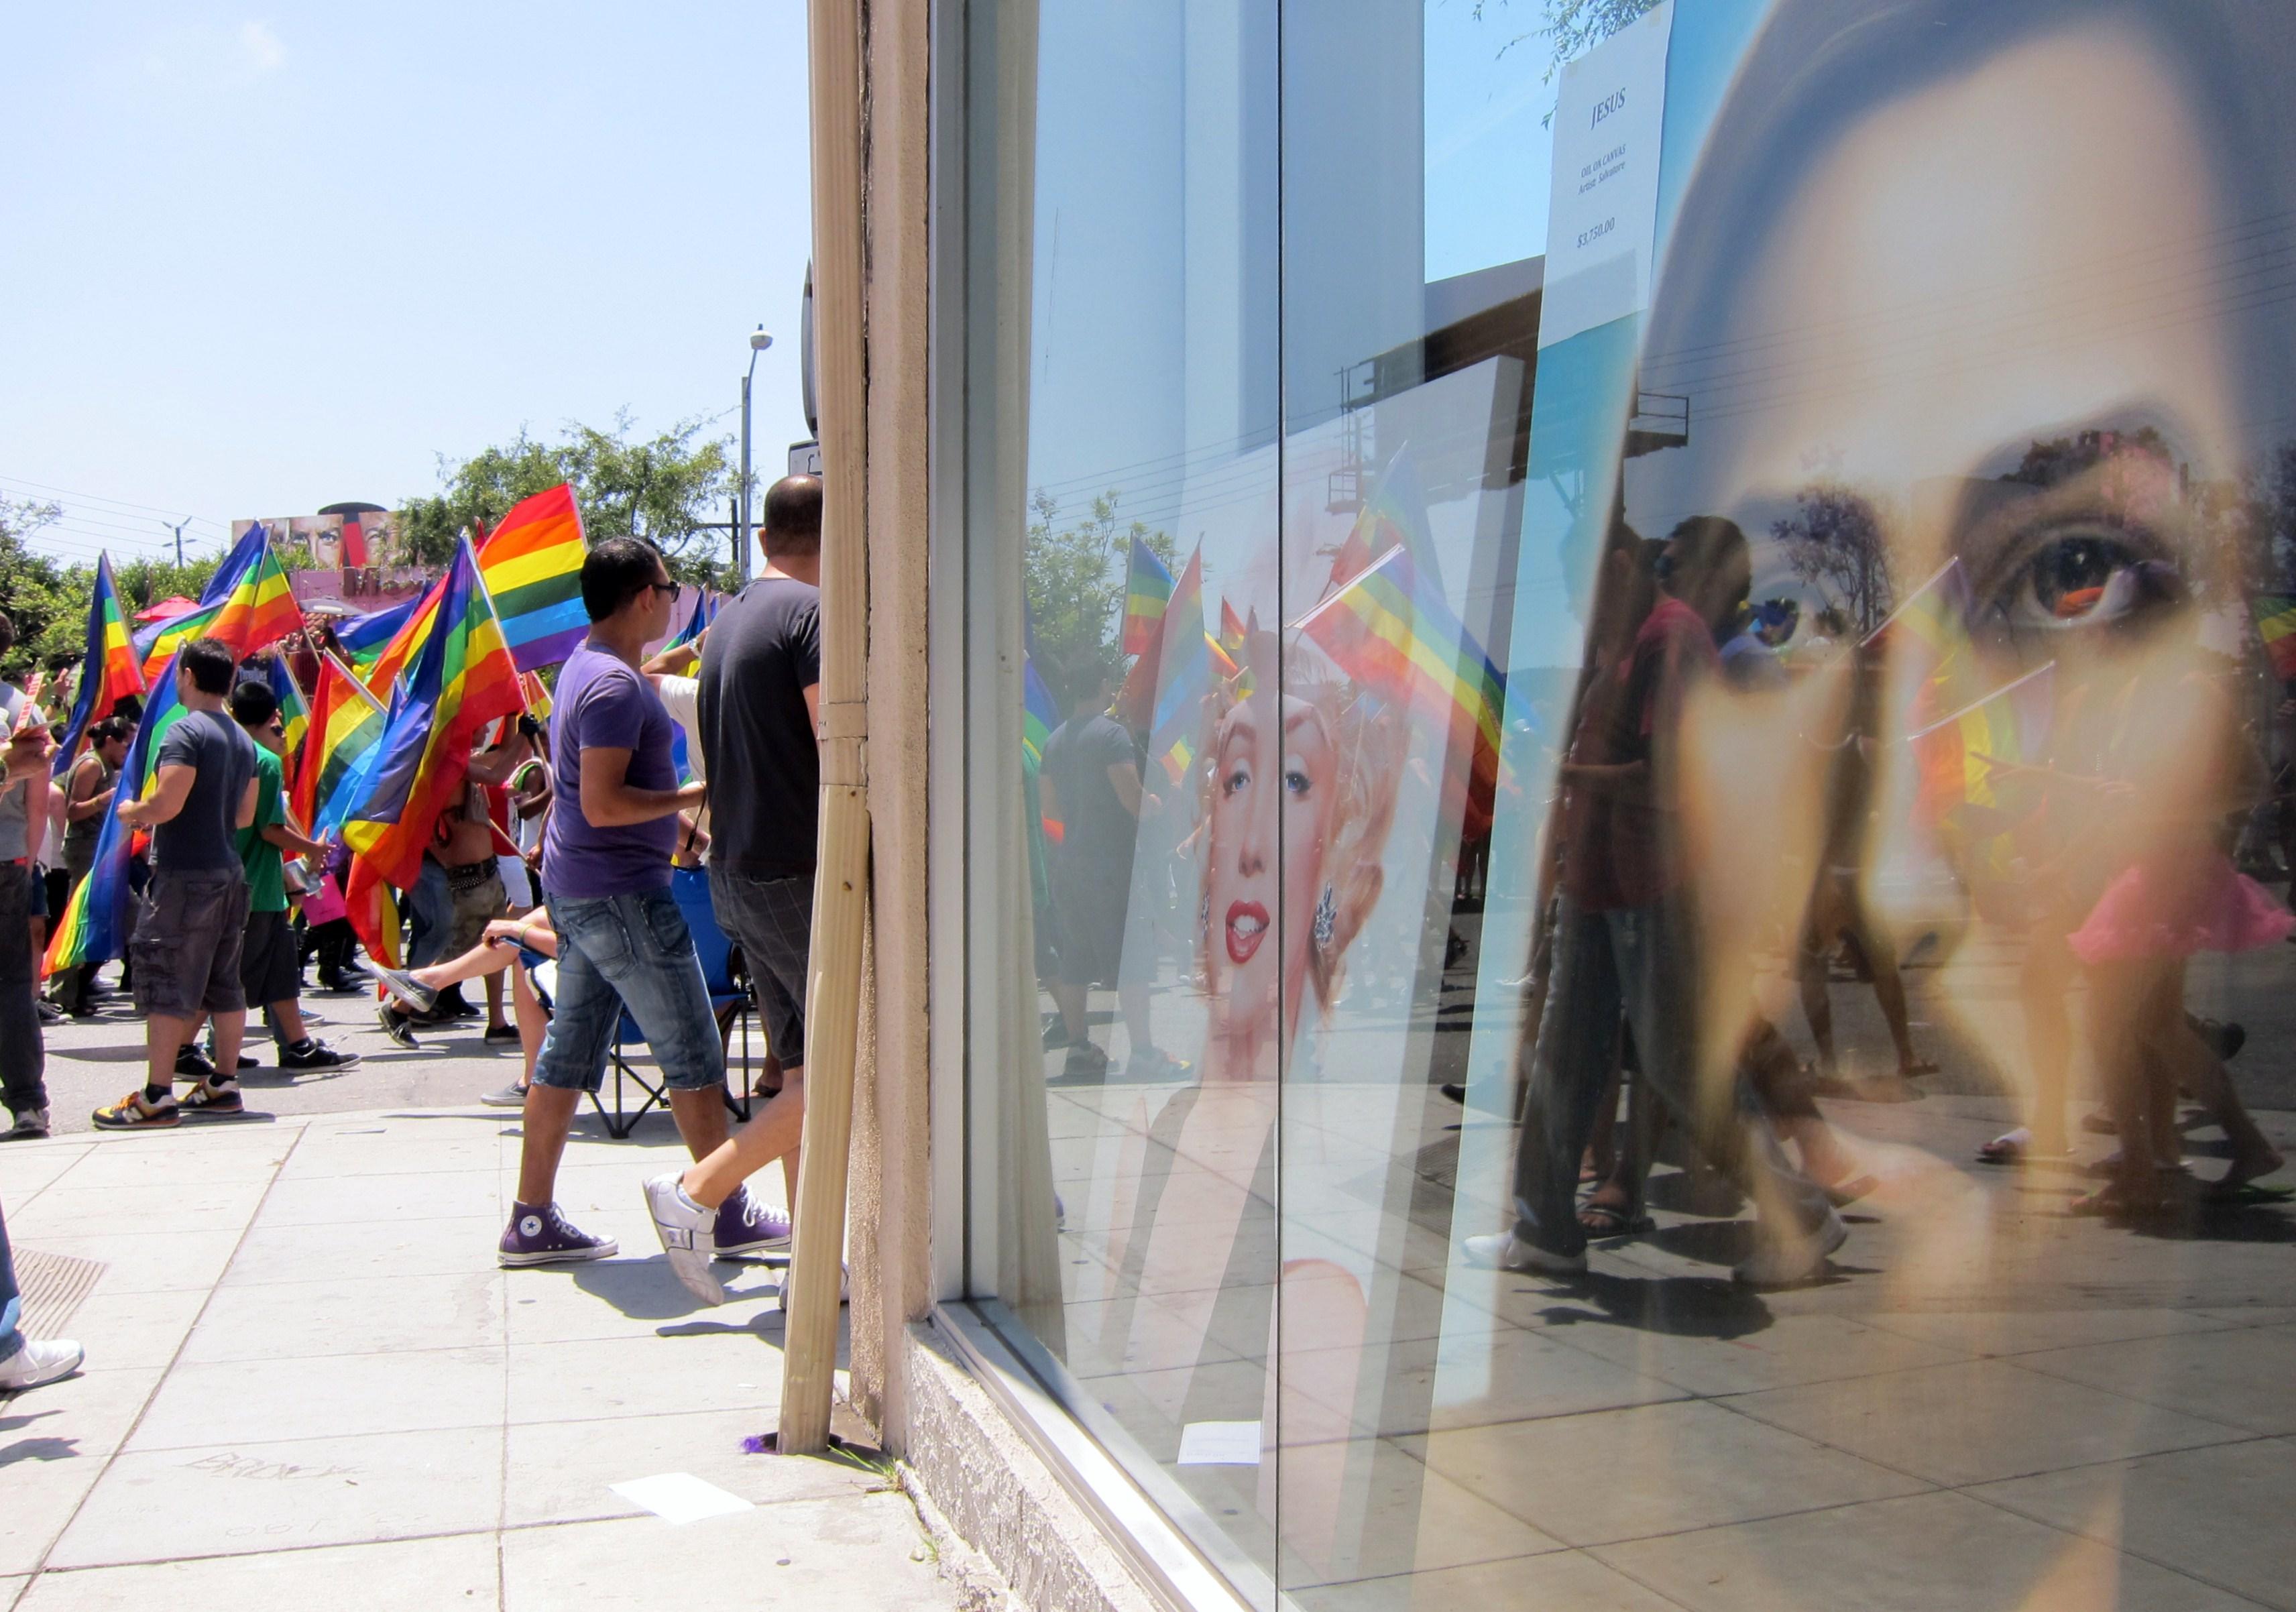 jesus image, pride parade